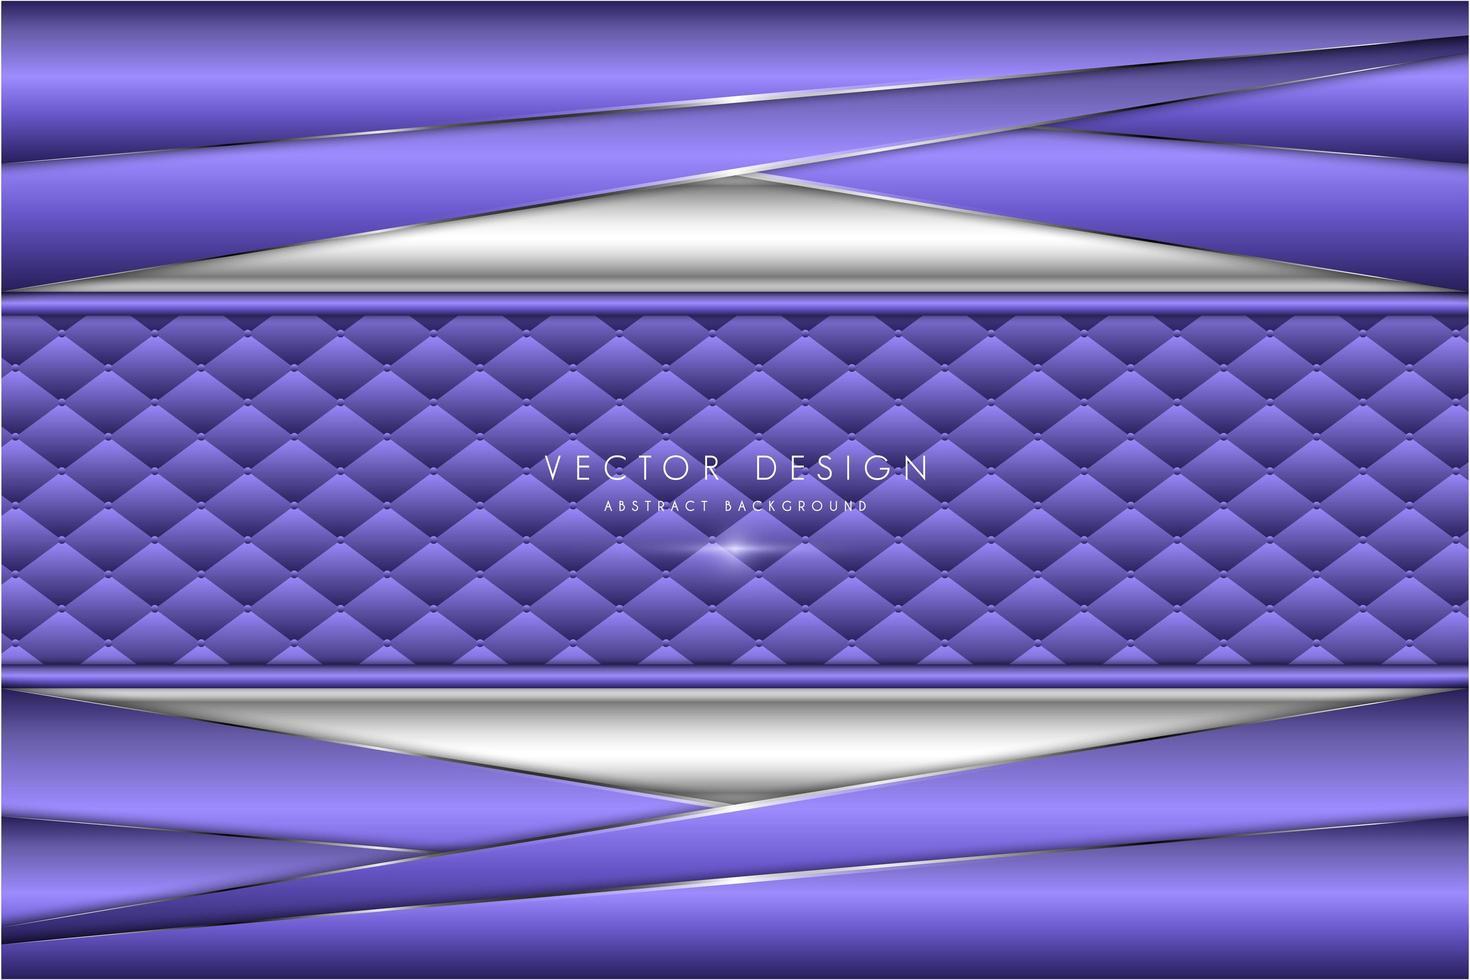 placas metálicas de color púrpura y plata en ángulo con textura de tapicería vector